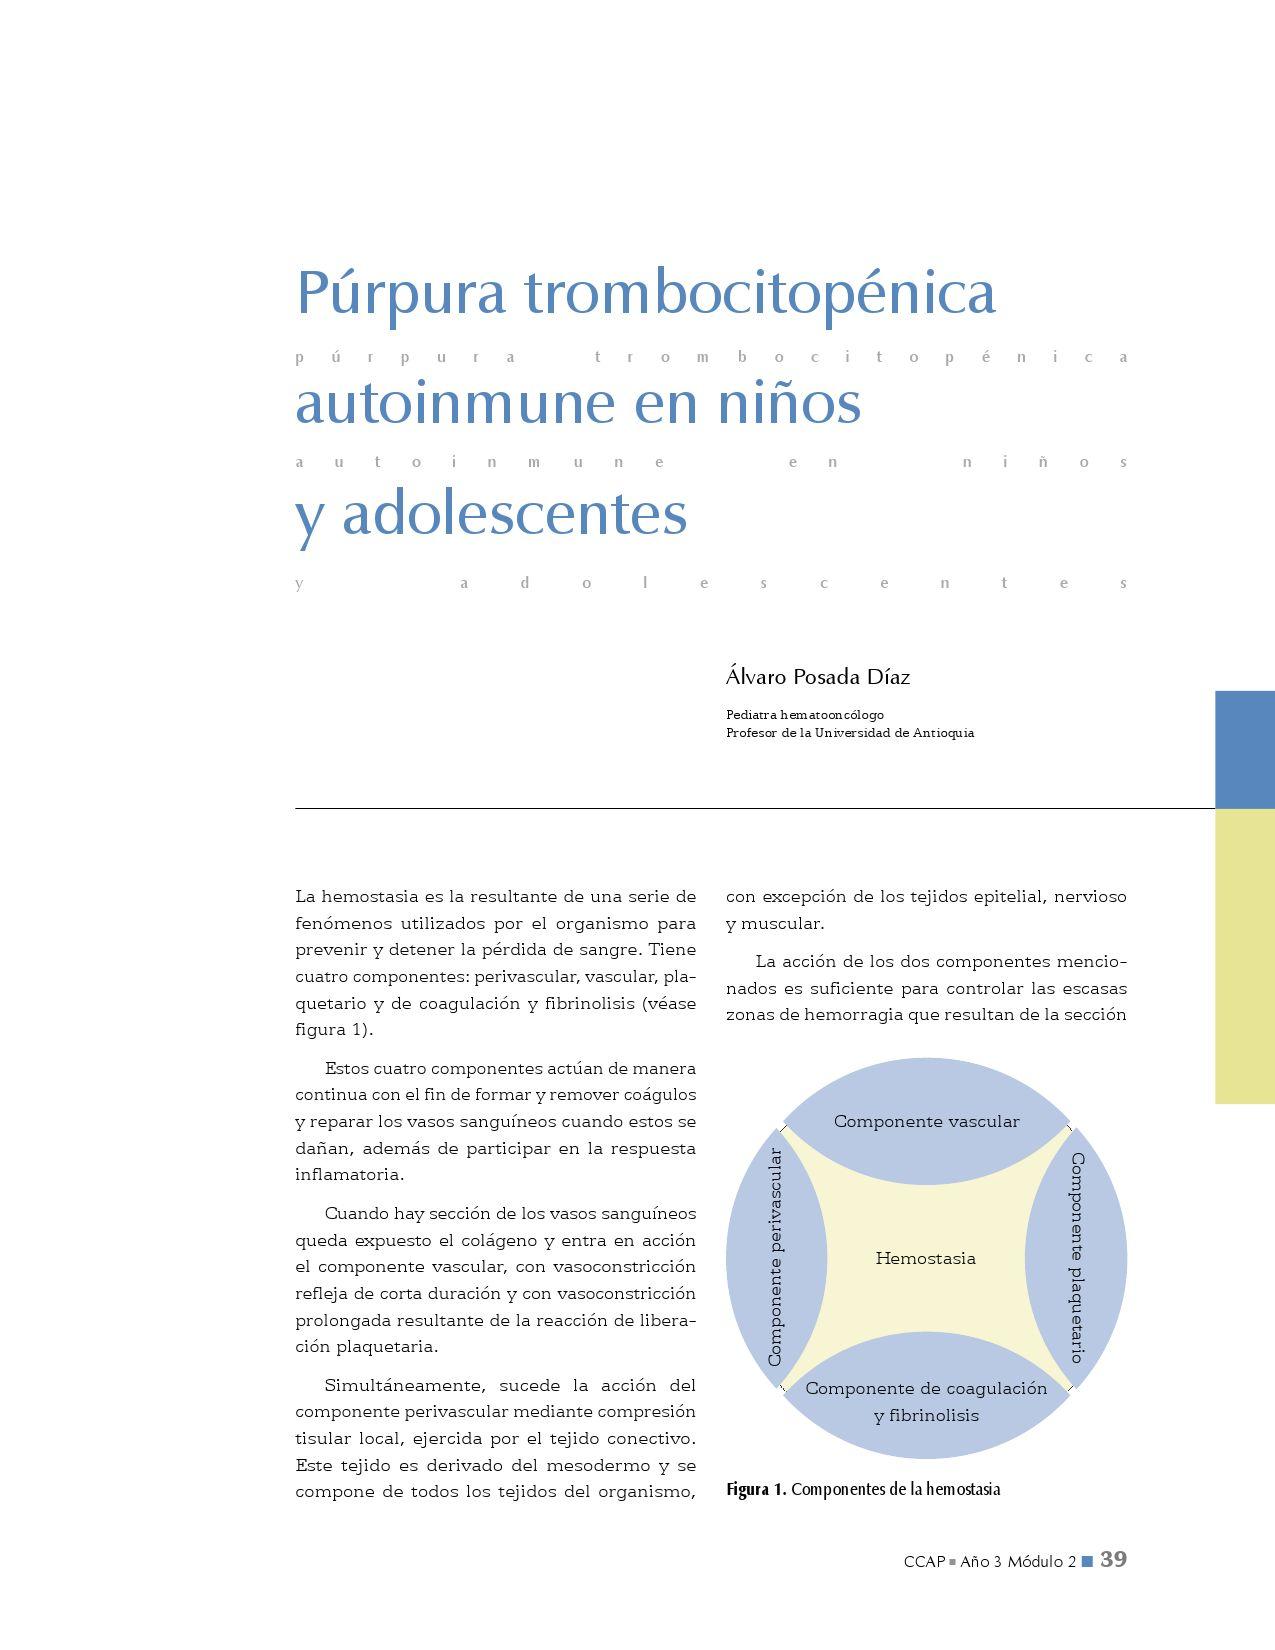 se cura la purpura trombocitopenica idiopatica